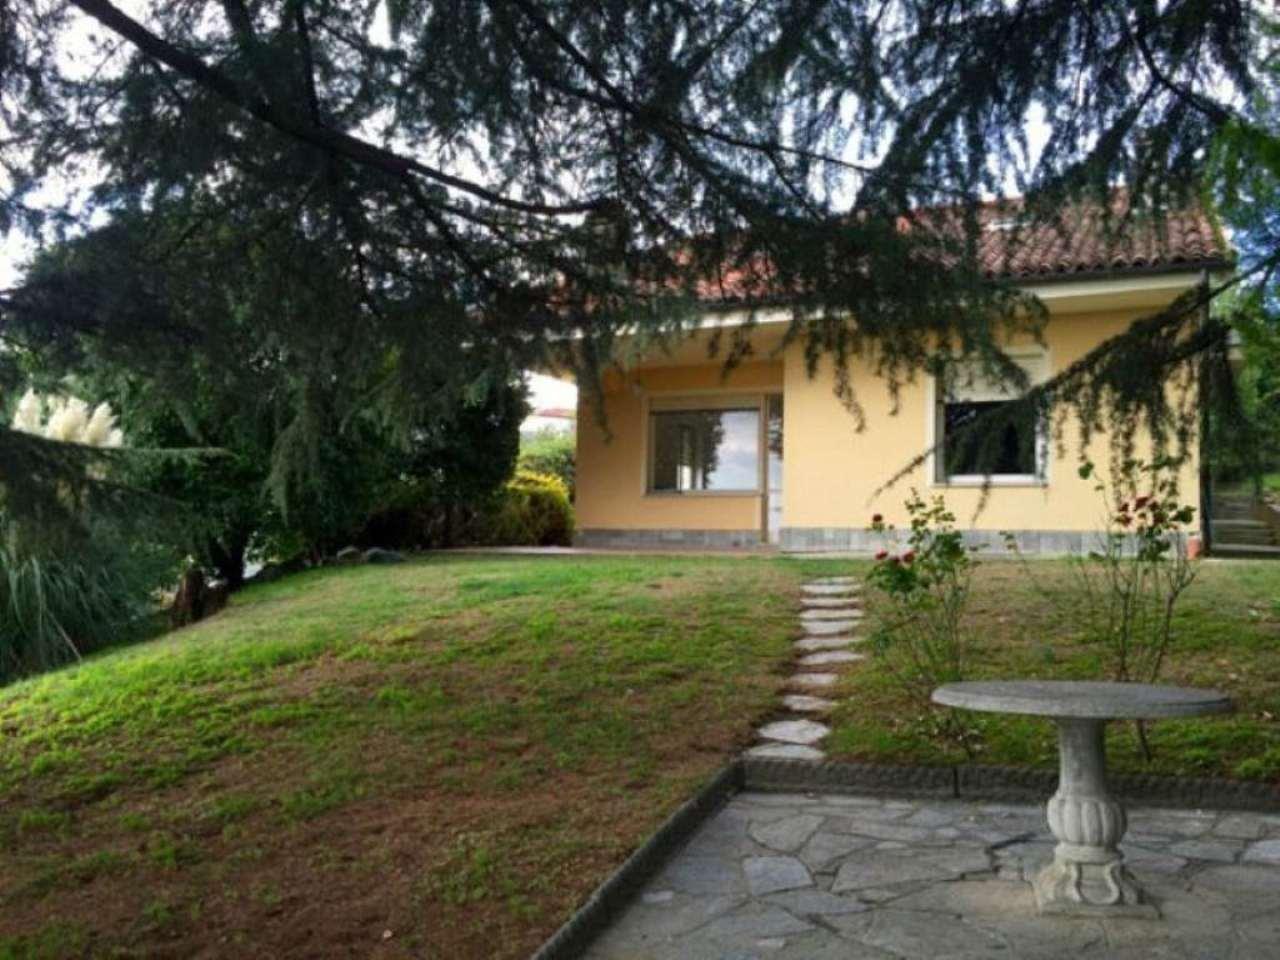 Villa Unifamiliare in Vendita a Pino Torinese